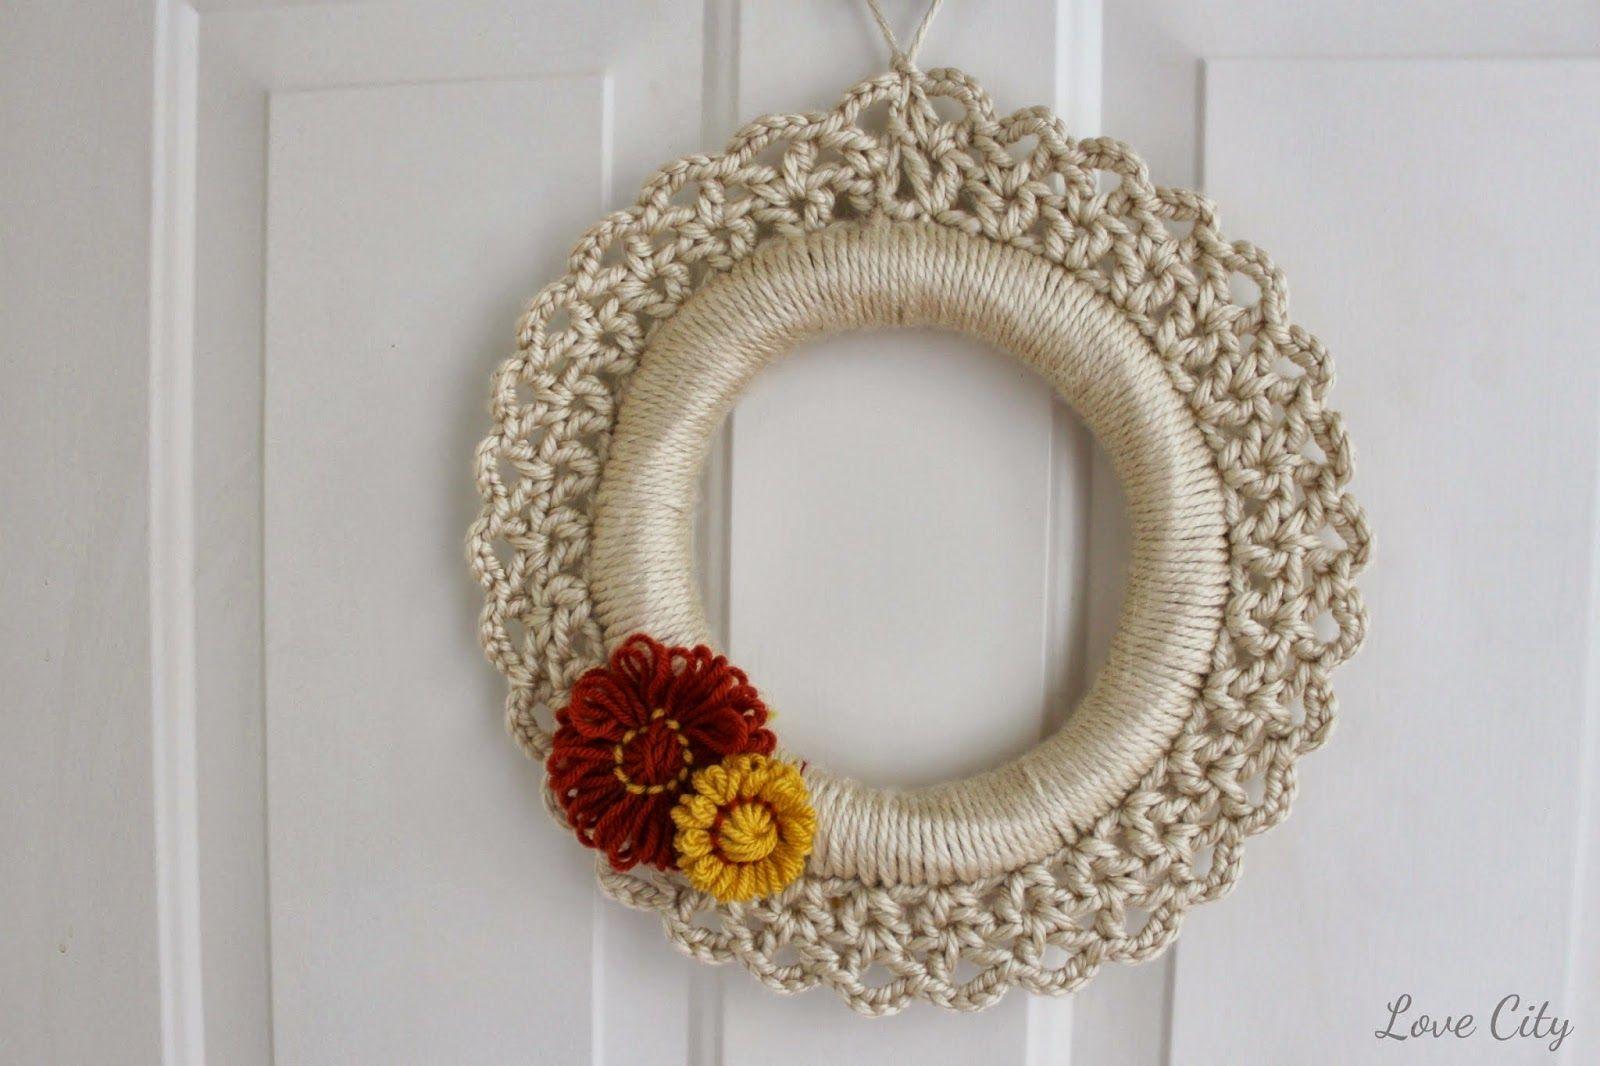 Fancy Crochet Christmas Wreath Pattern Illustration - Sewing Pattern ...